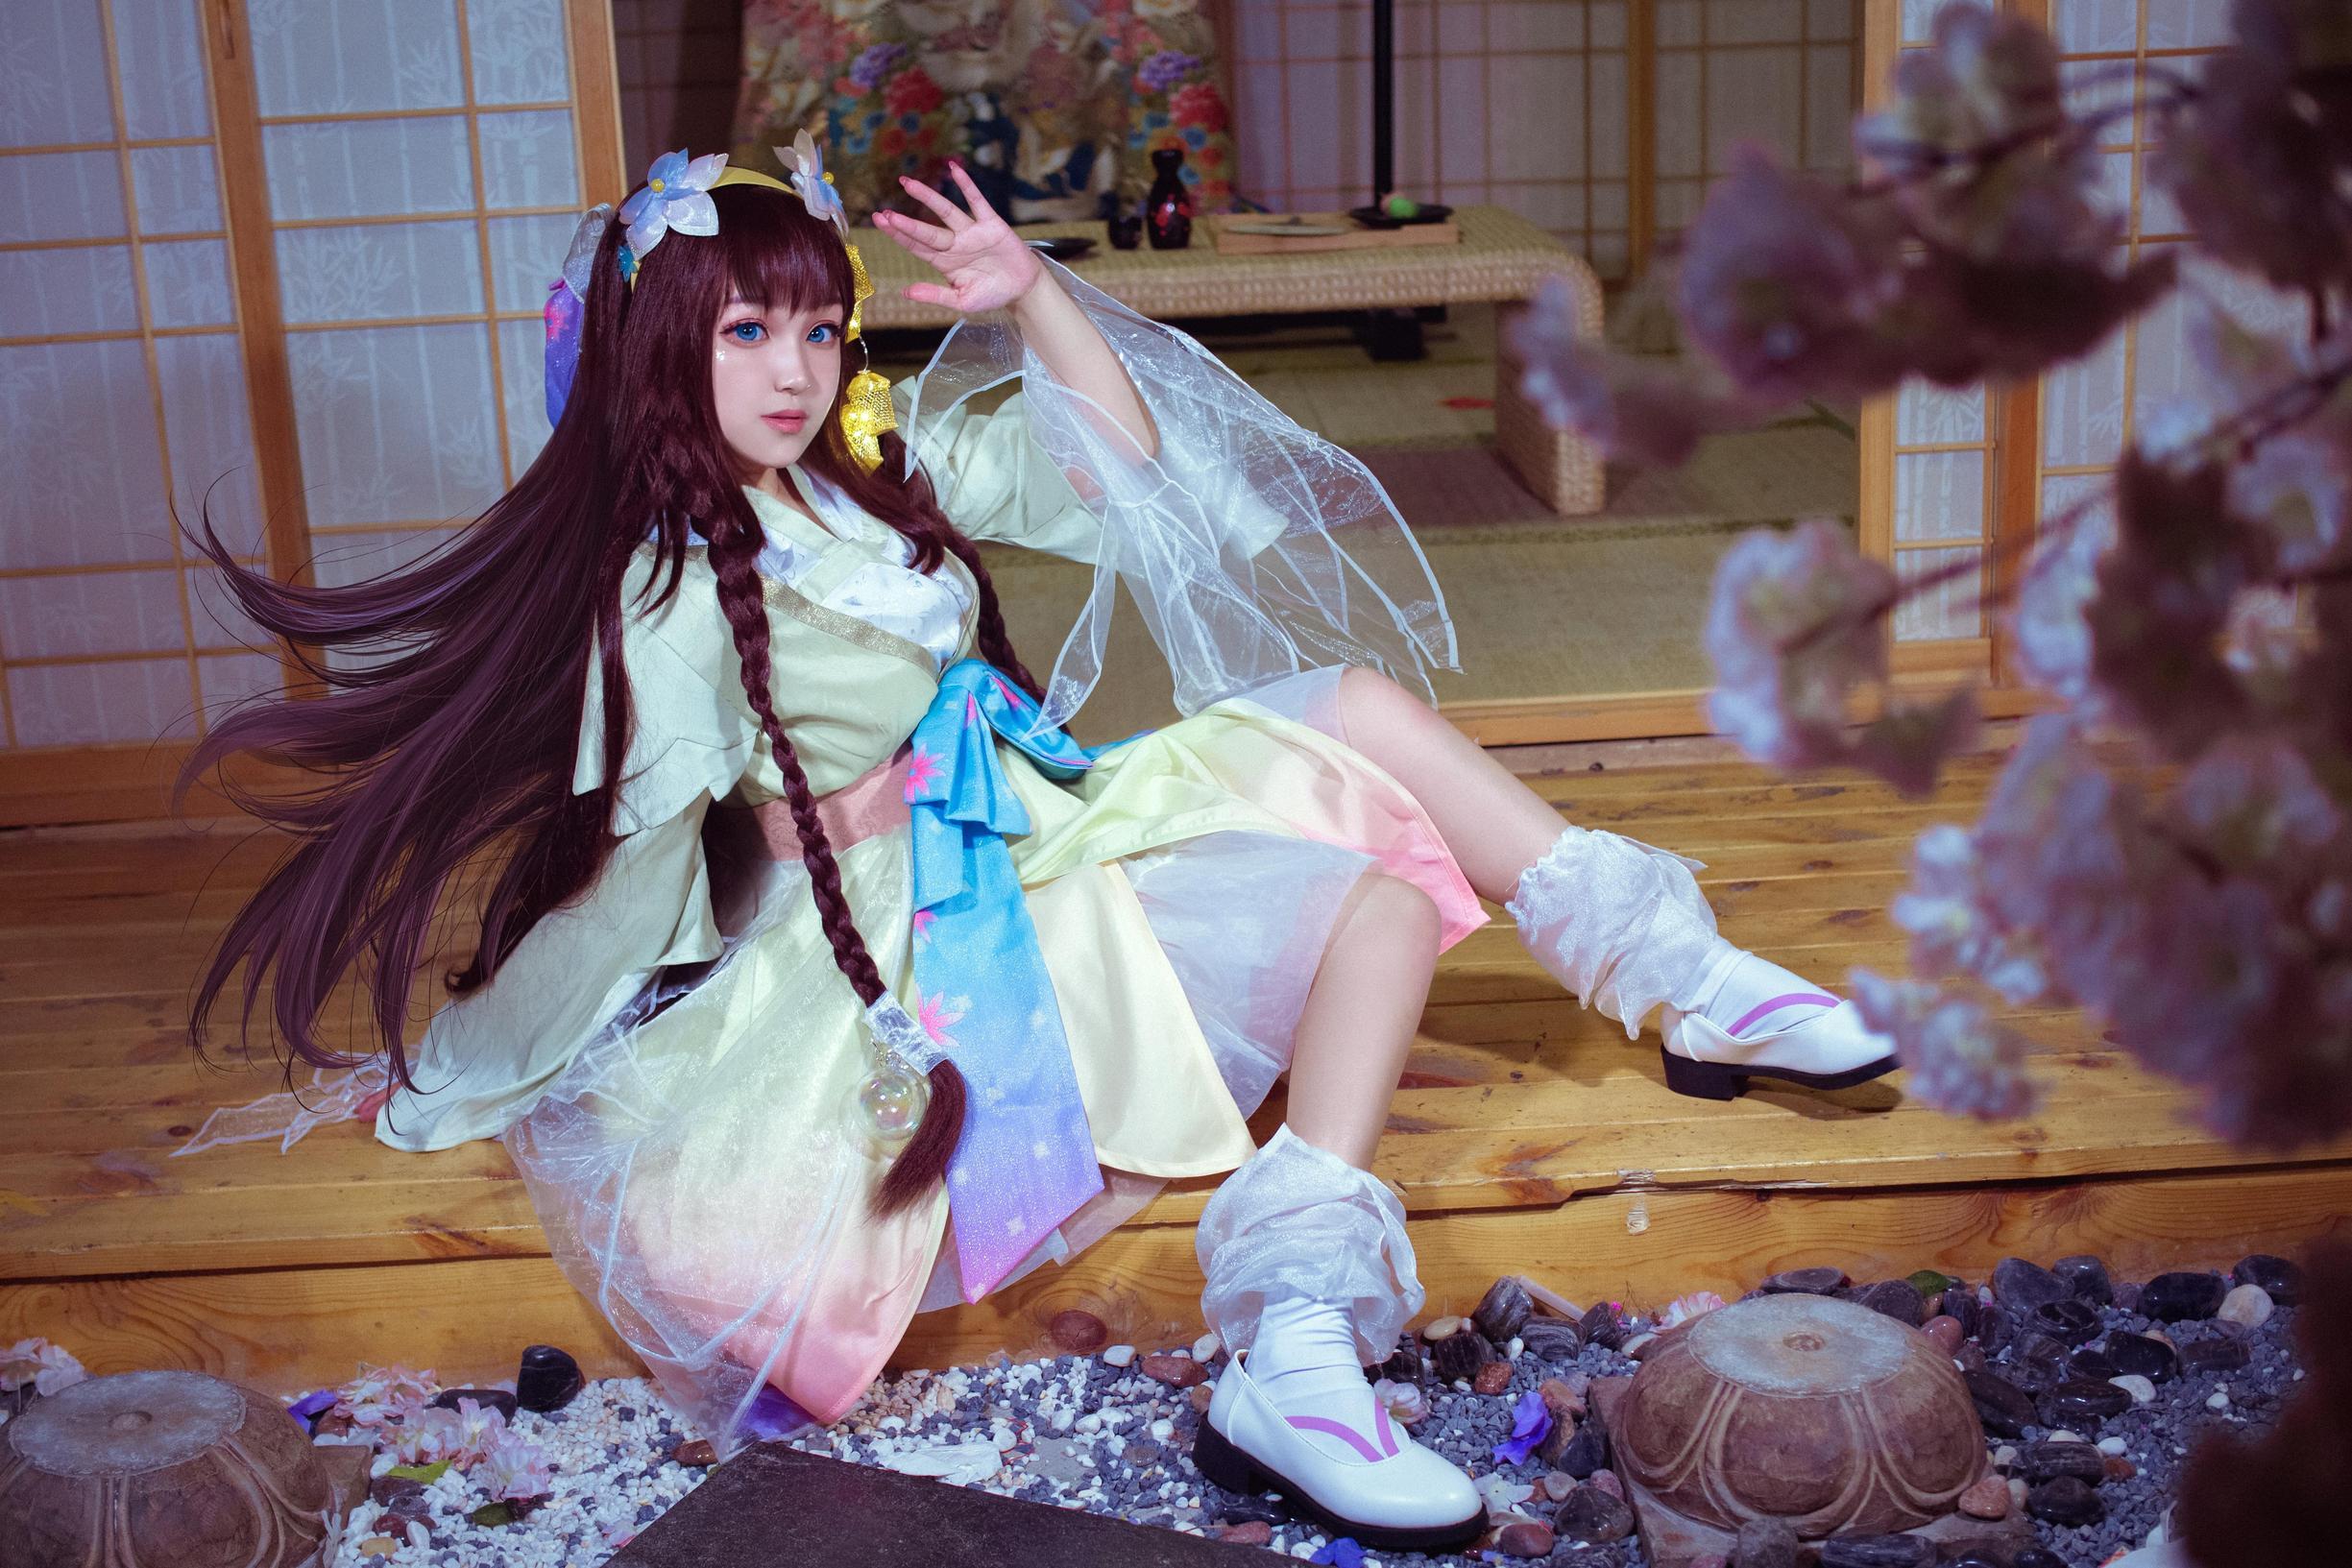 《王者荣耀》娜可露露cosplay【CN:草莓味的南辞】-第4张